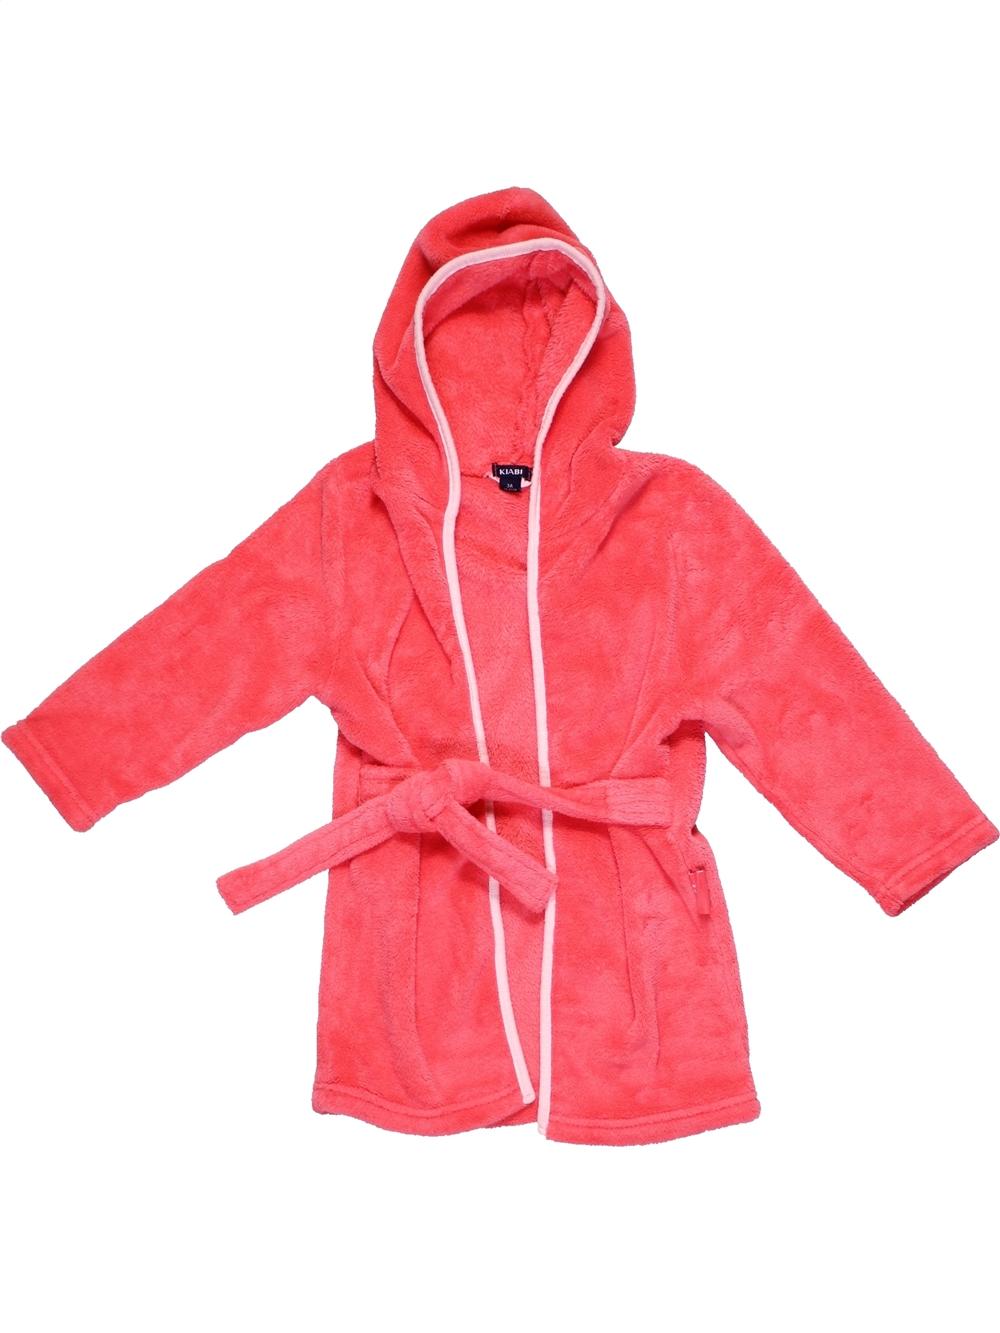 Robe De Chambre Fille Kiabi 3 Ans Pas Cher 5 65 1160393